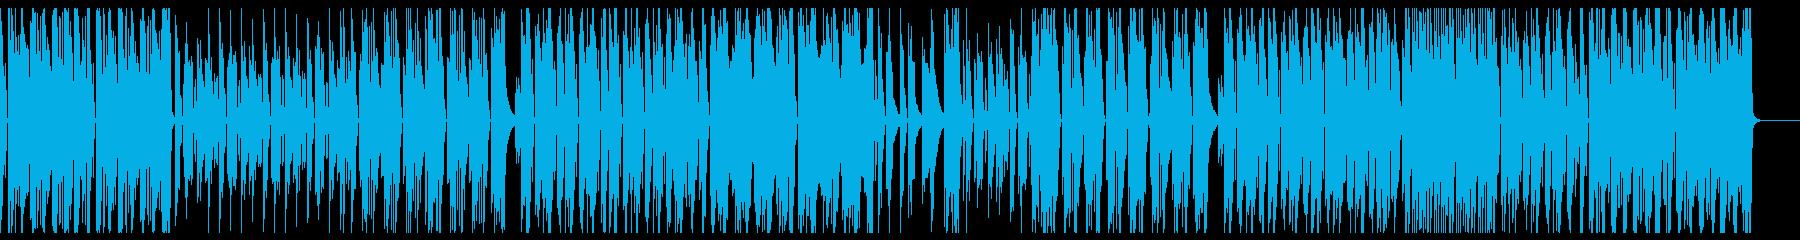 切ないテクノポップの再生済みの波形